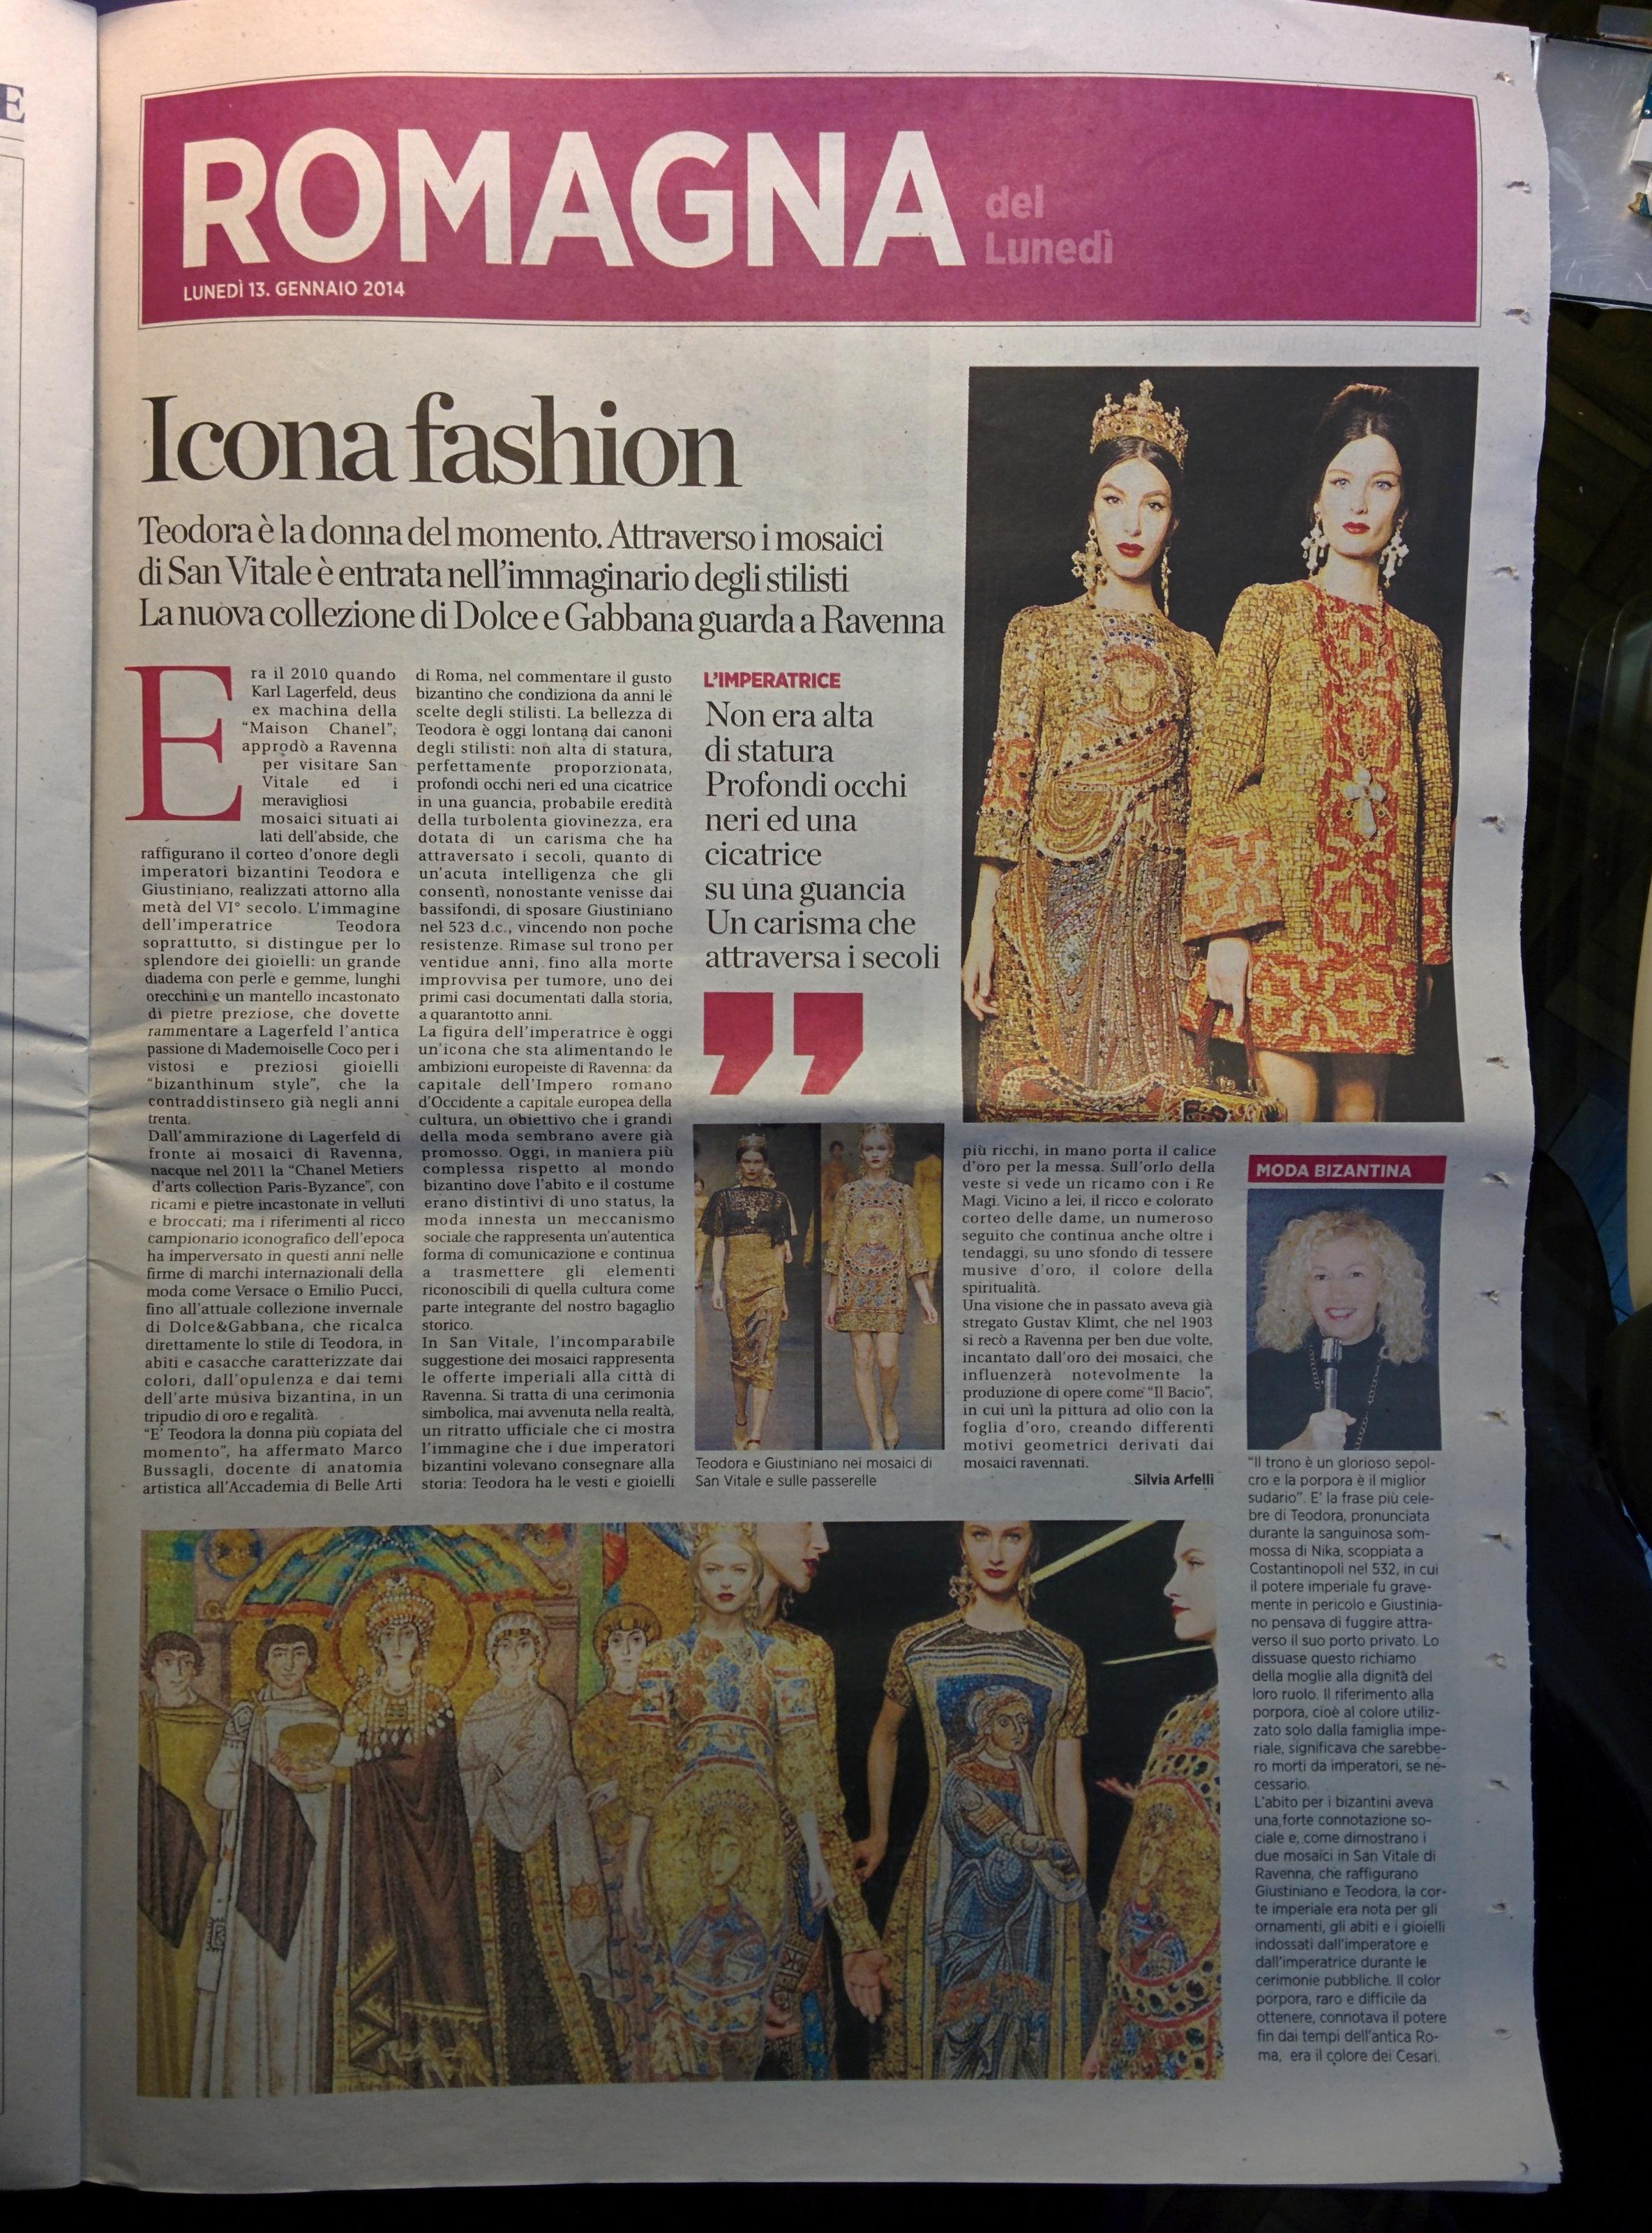 """Image from """"La Voce di Romagna"""" NewsPaper"""